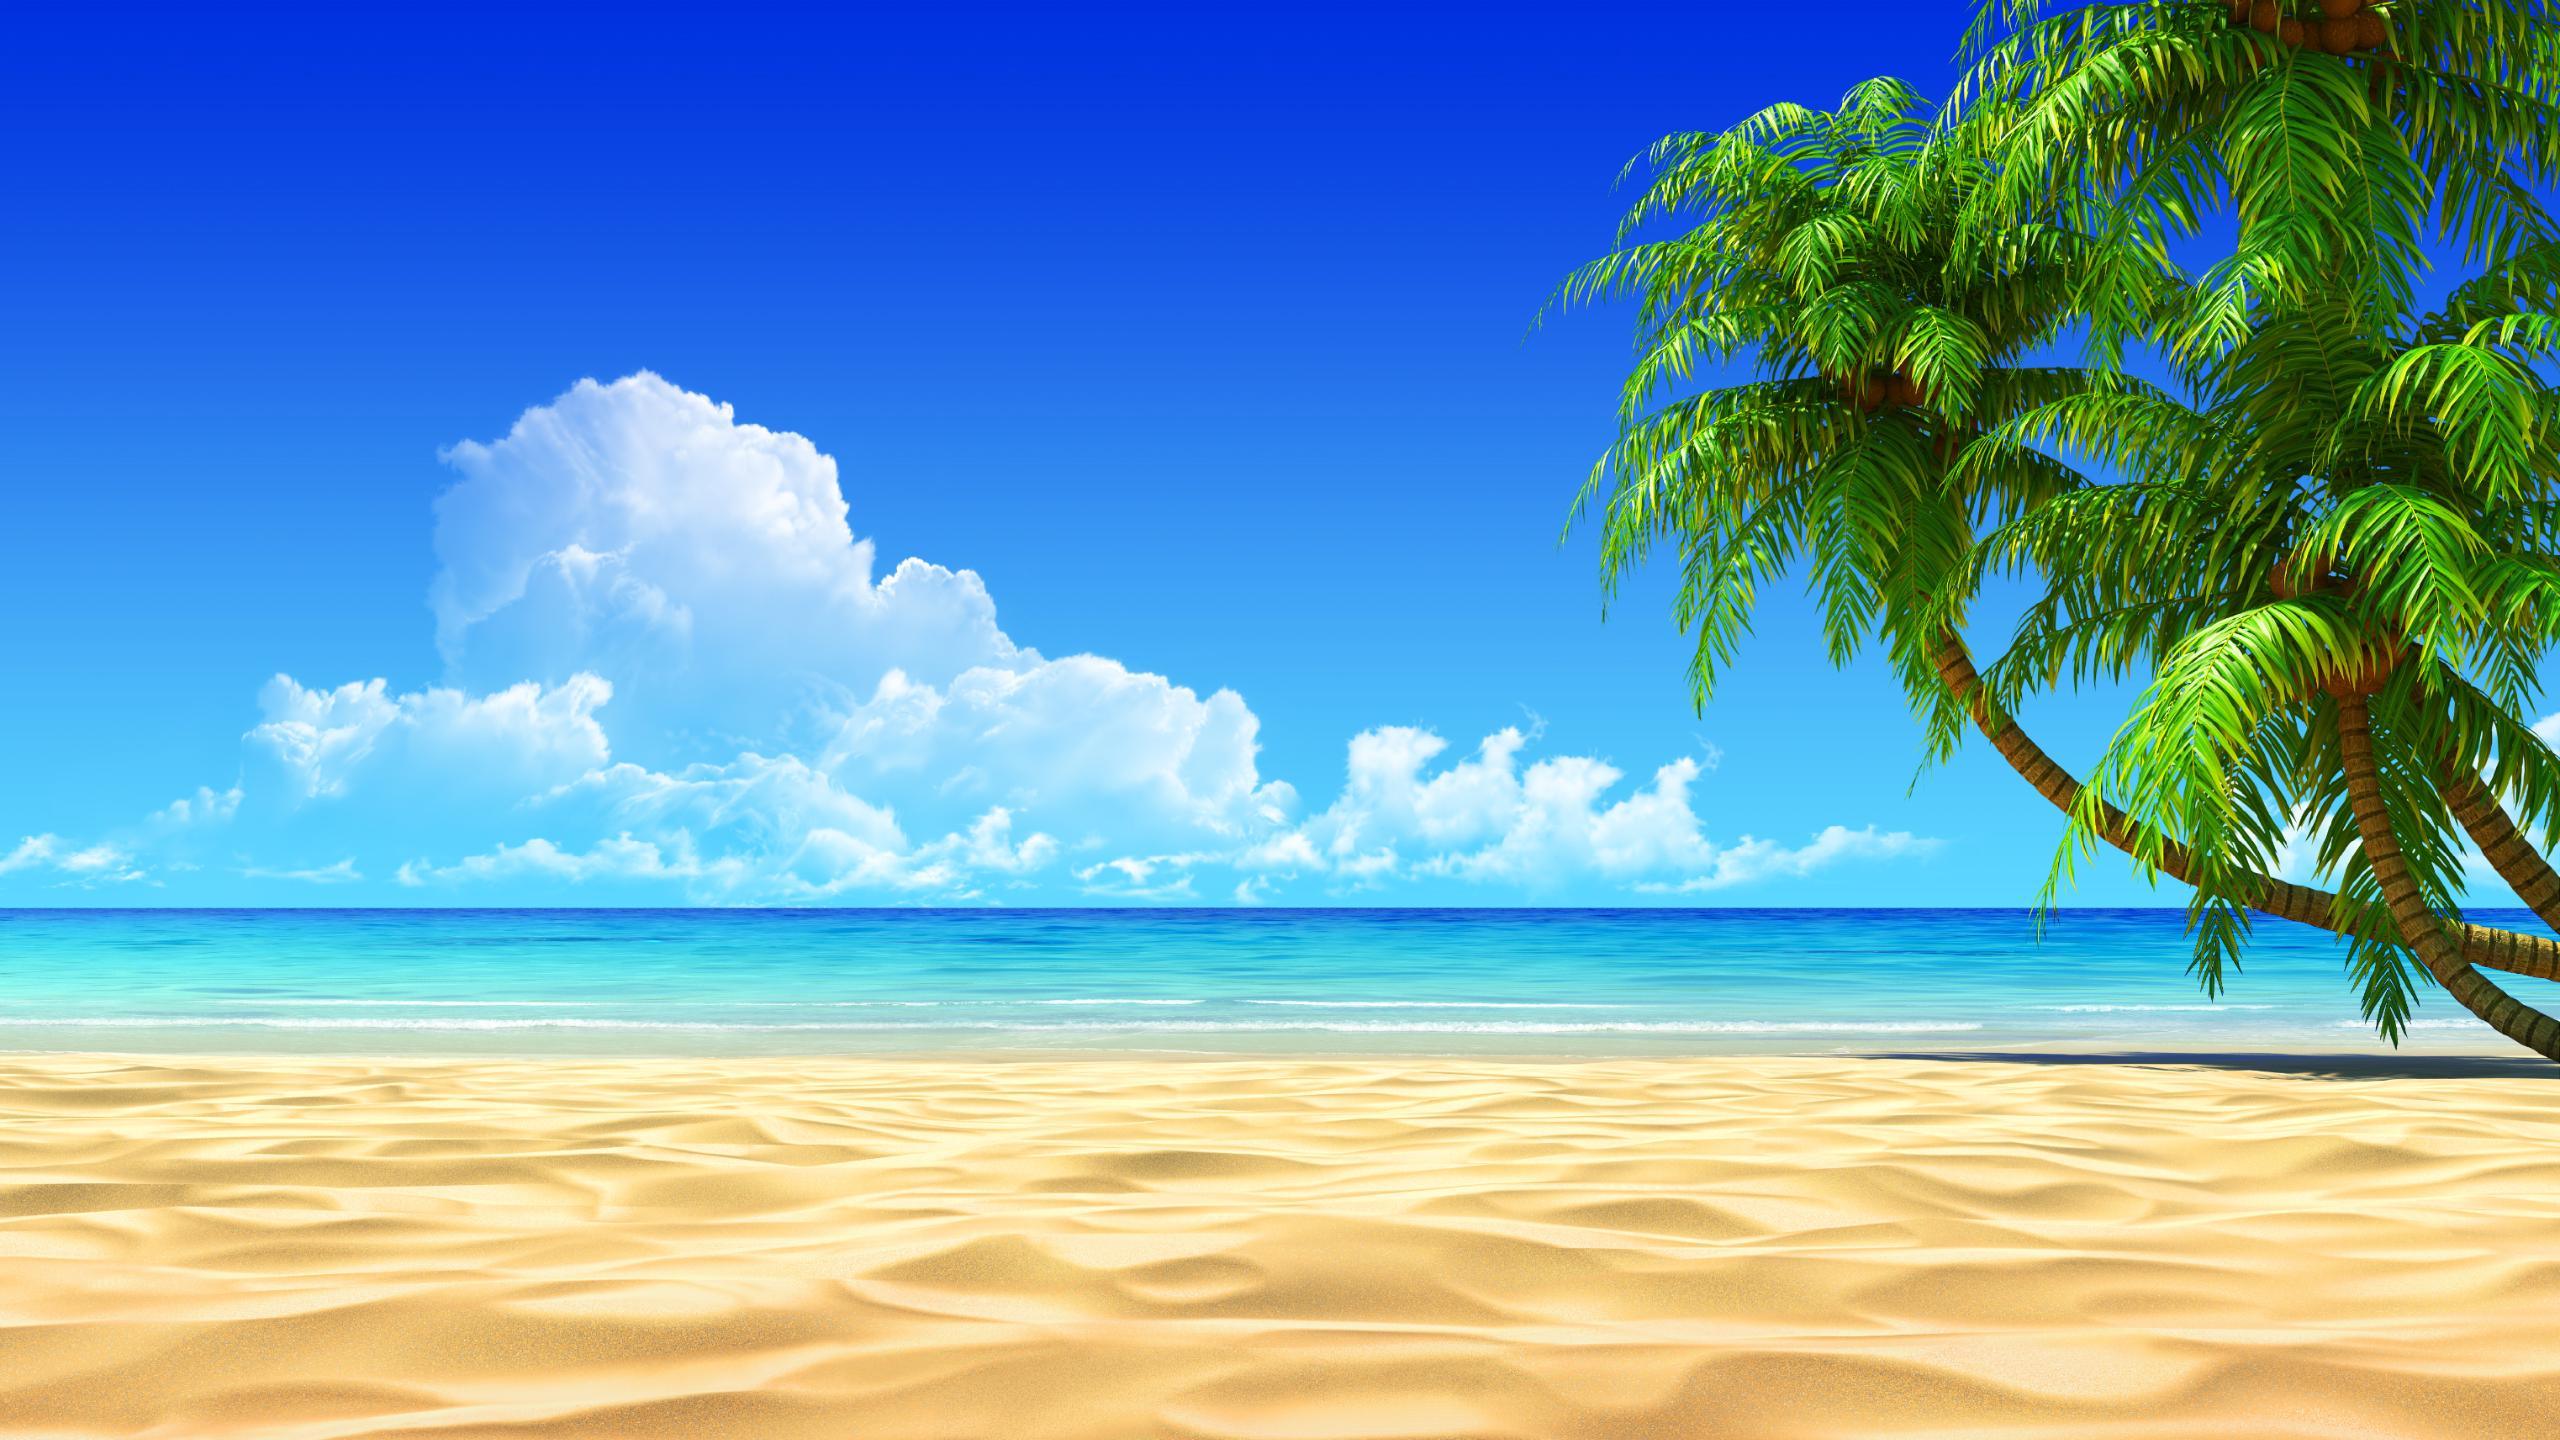 Island hd wallpaper background. Beach clipart tropical beach